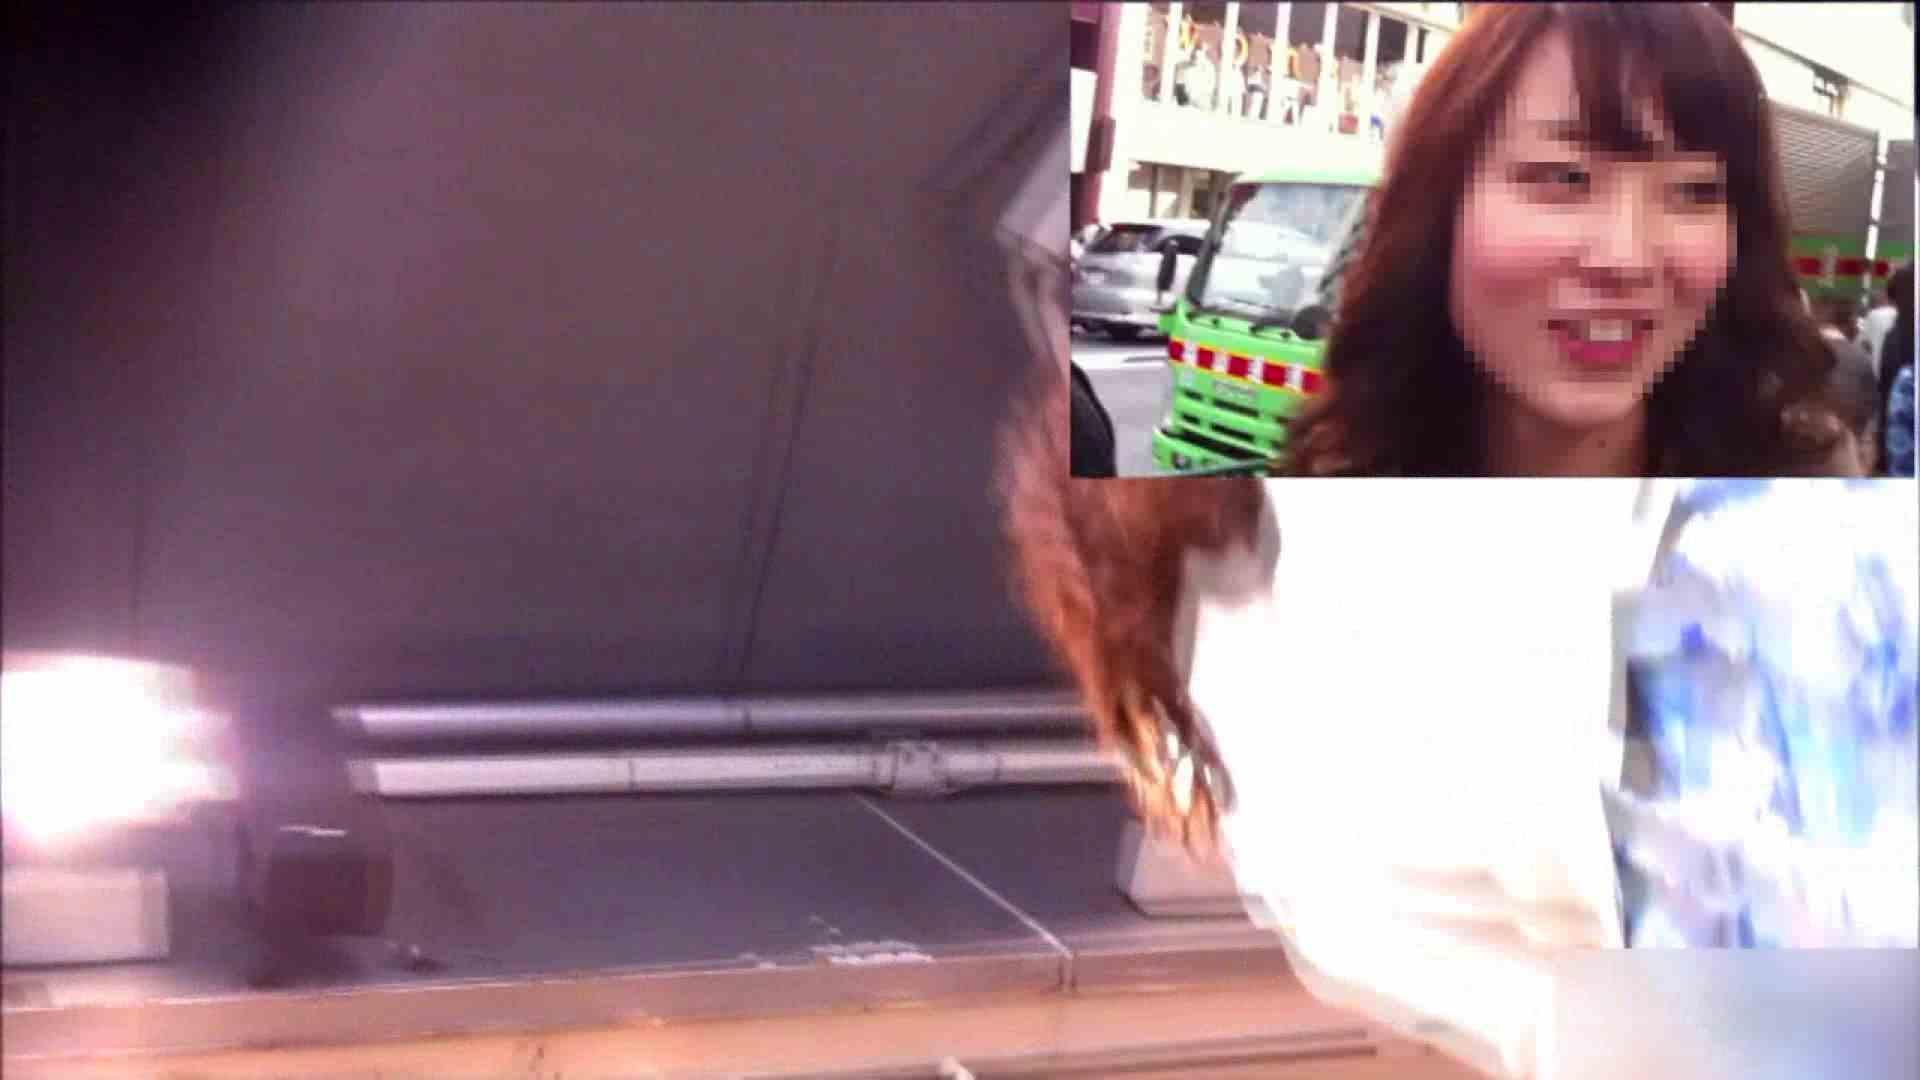 ガールズパンチラストリートビューVol.006 OLエロ画像 隠し撮りおまんこ動画流出 92PICs 86